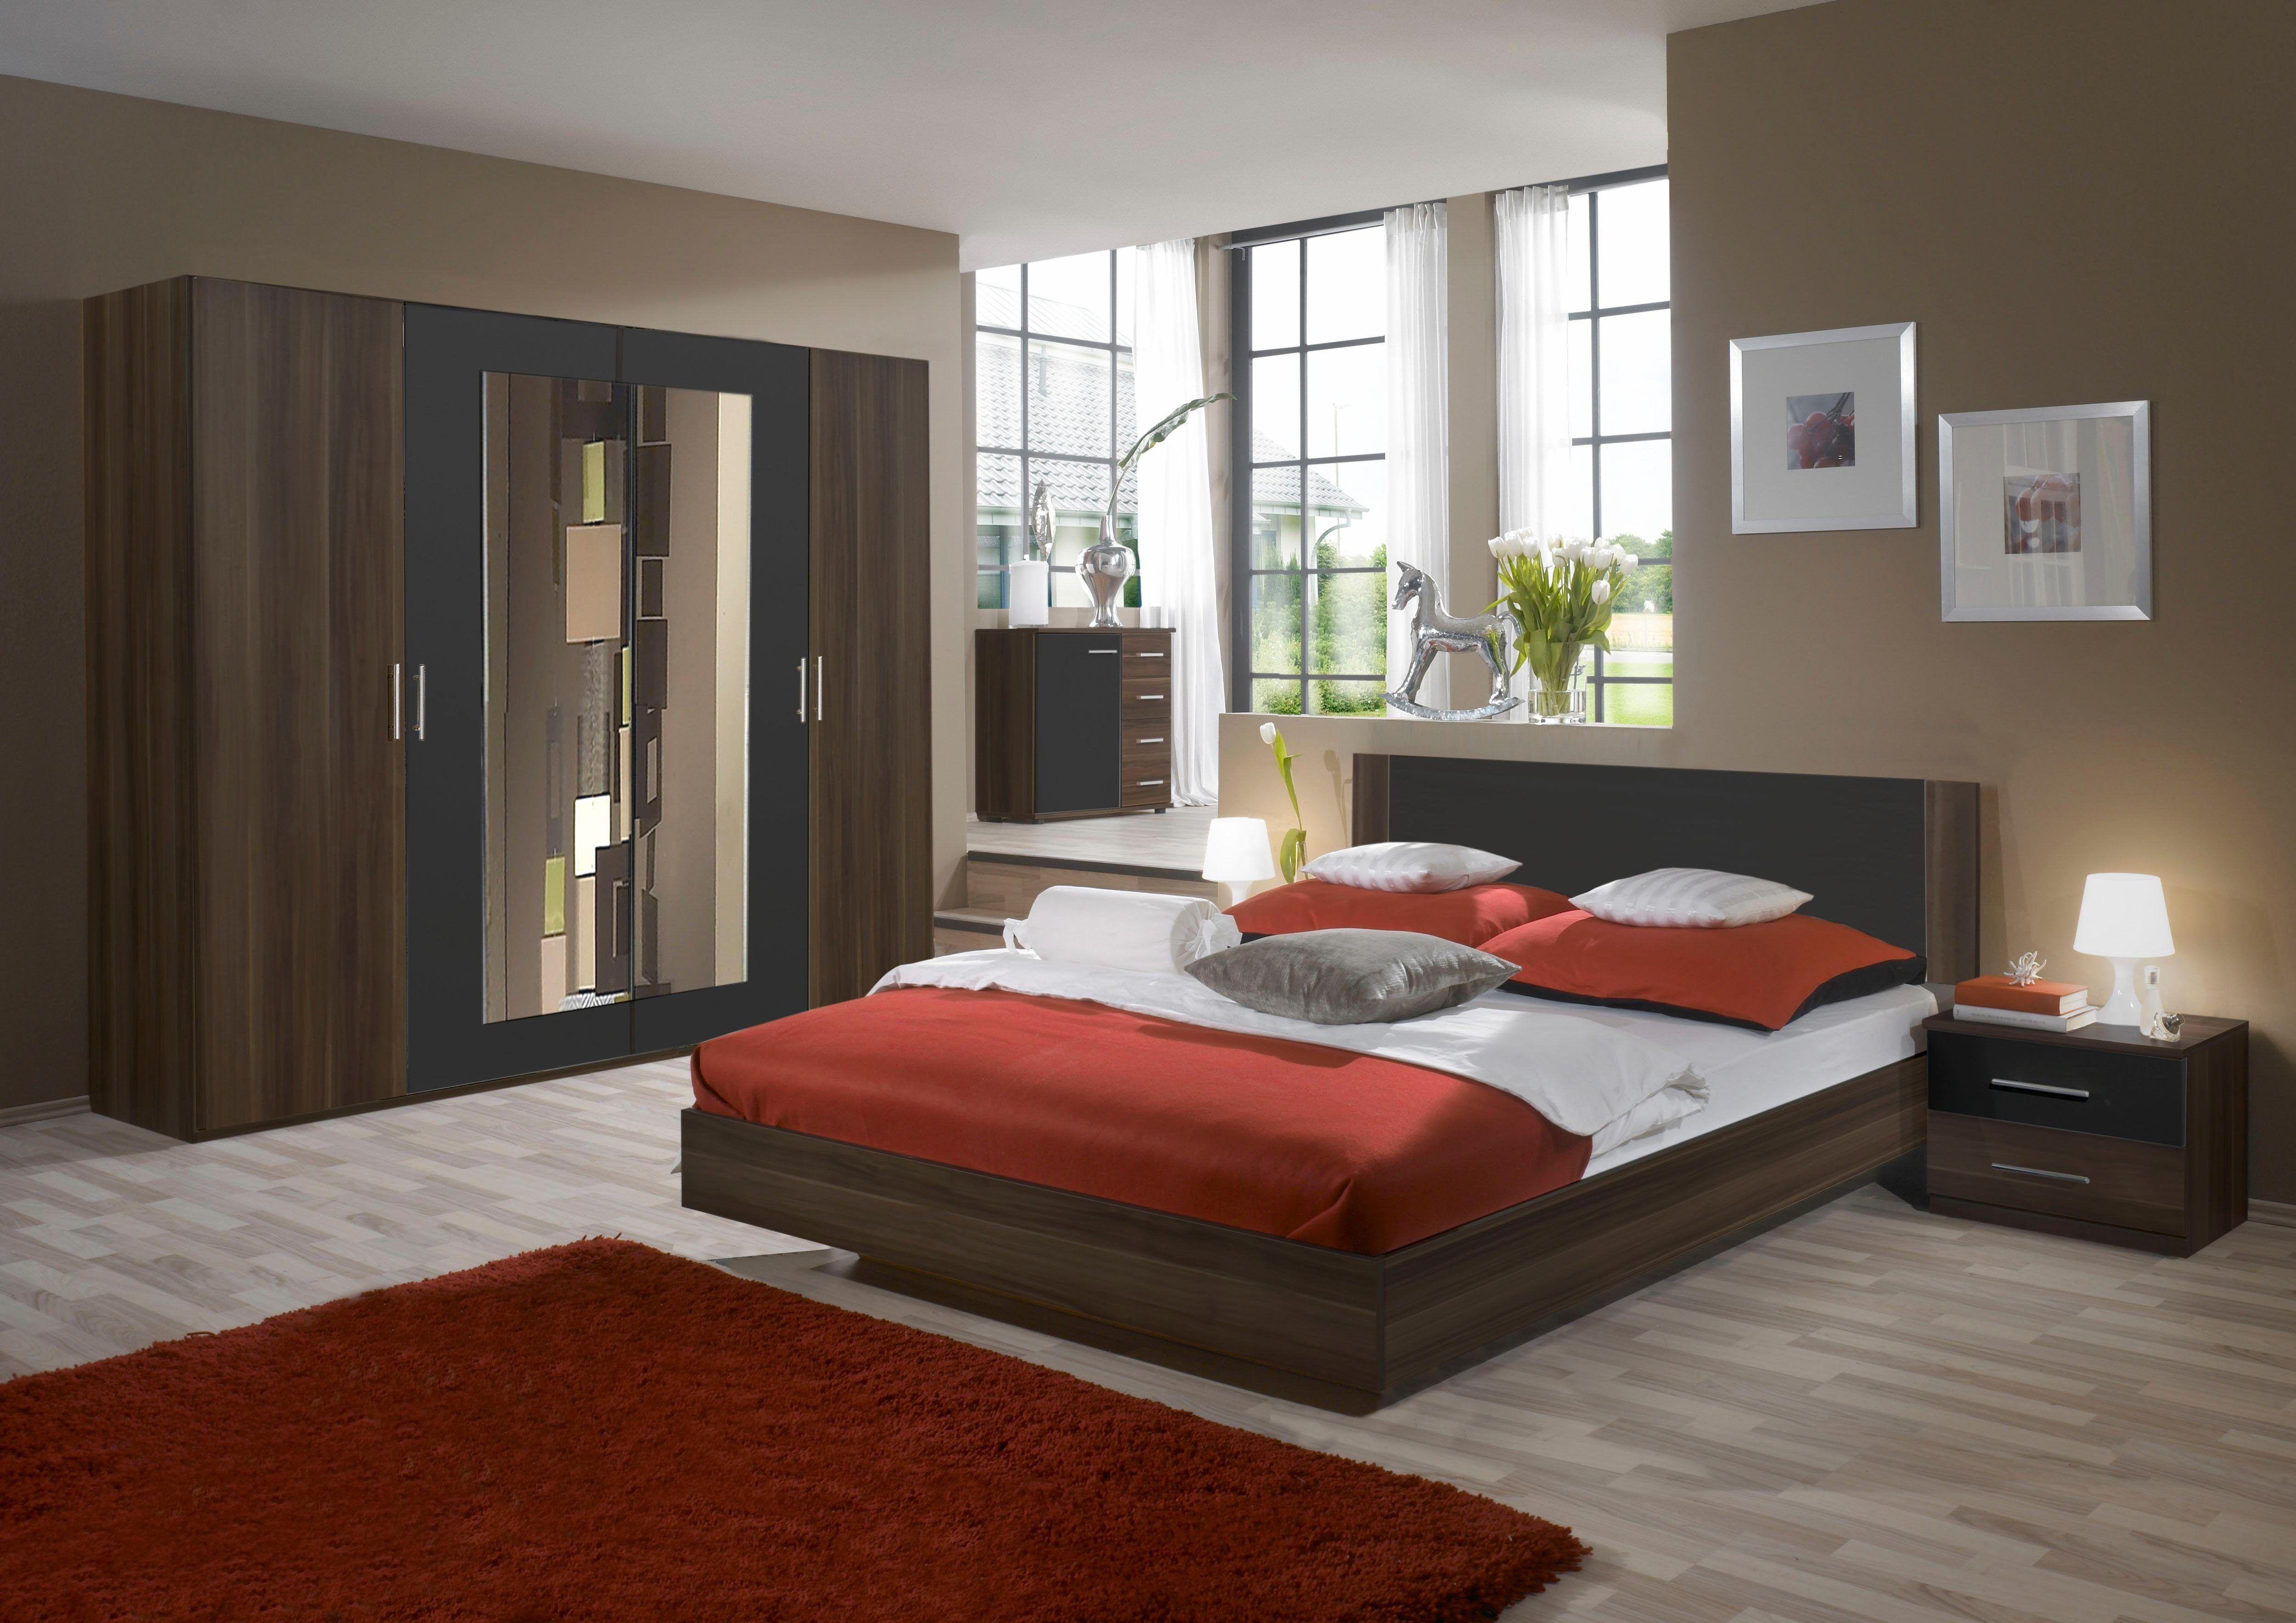 Schlafzimmer Komplettangebote | Schlafzimmer Set Mit Drehturenschrank 4 Tlg Grau Wimex Jetzt